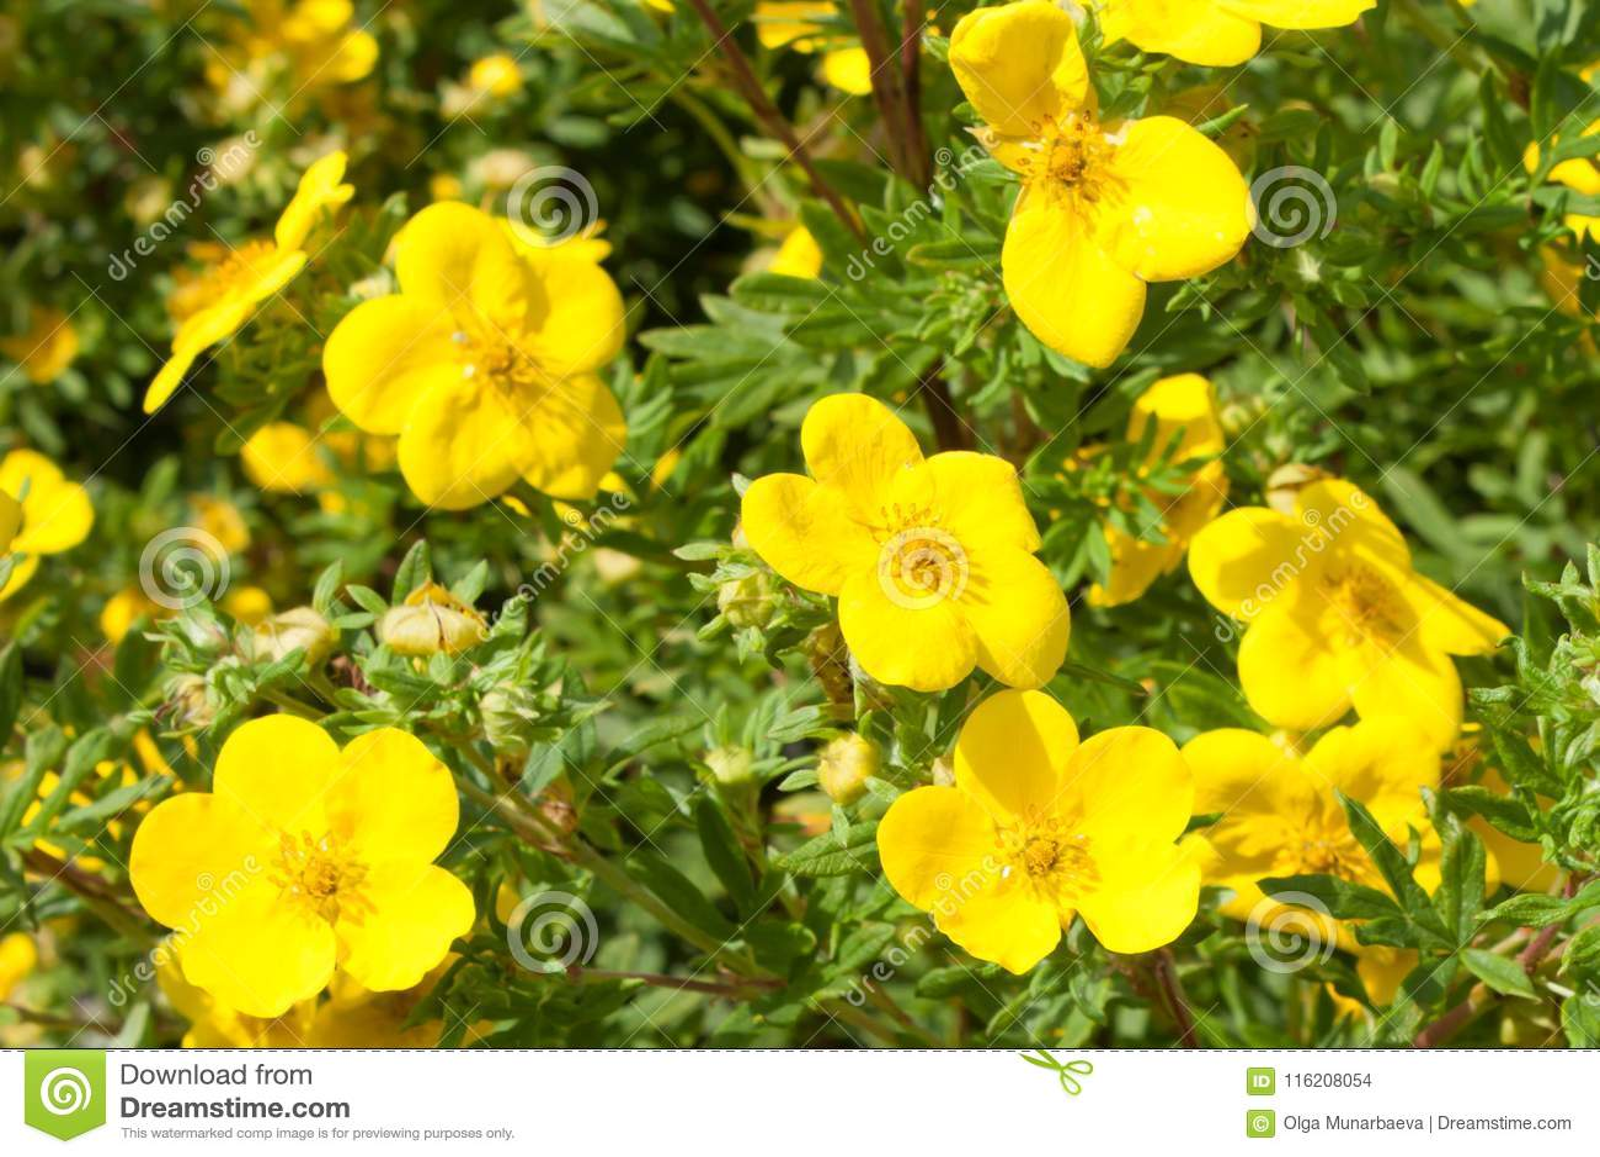 Gele fruticosa van bloemenpotentilla goldfinger in aard behang